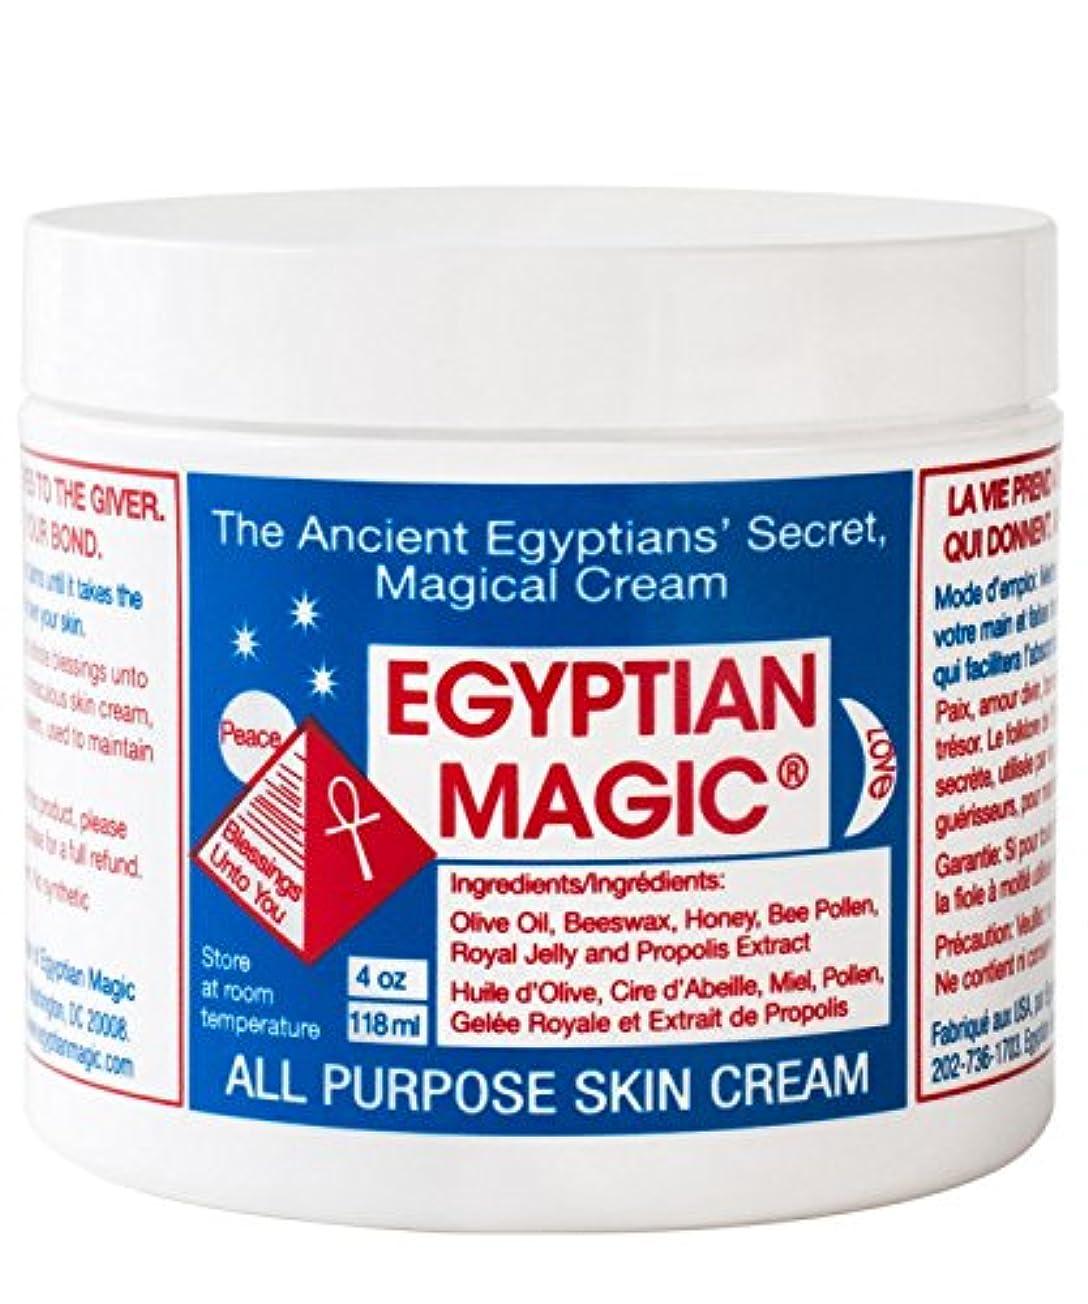 会計士侵入宿題エジプトの魔法の万能スキンクリーム118ミリリットル x4 - Egyptian Magic All Purpose Skin Cream 118ml (Pack of 4) [並行輸入品]